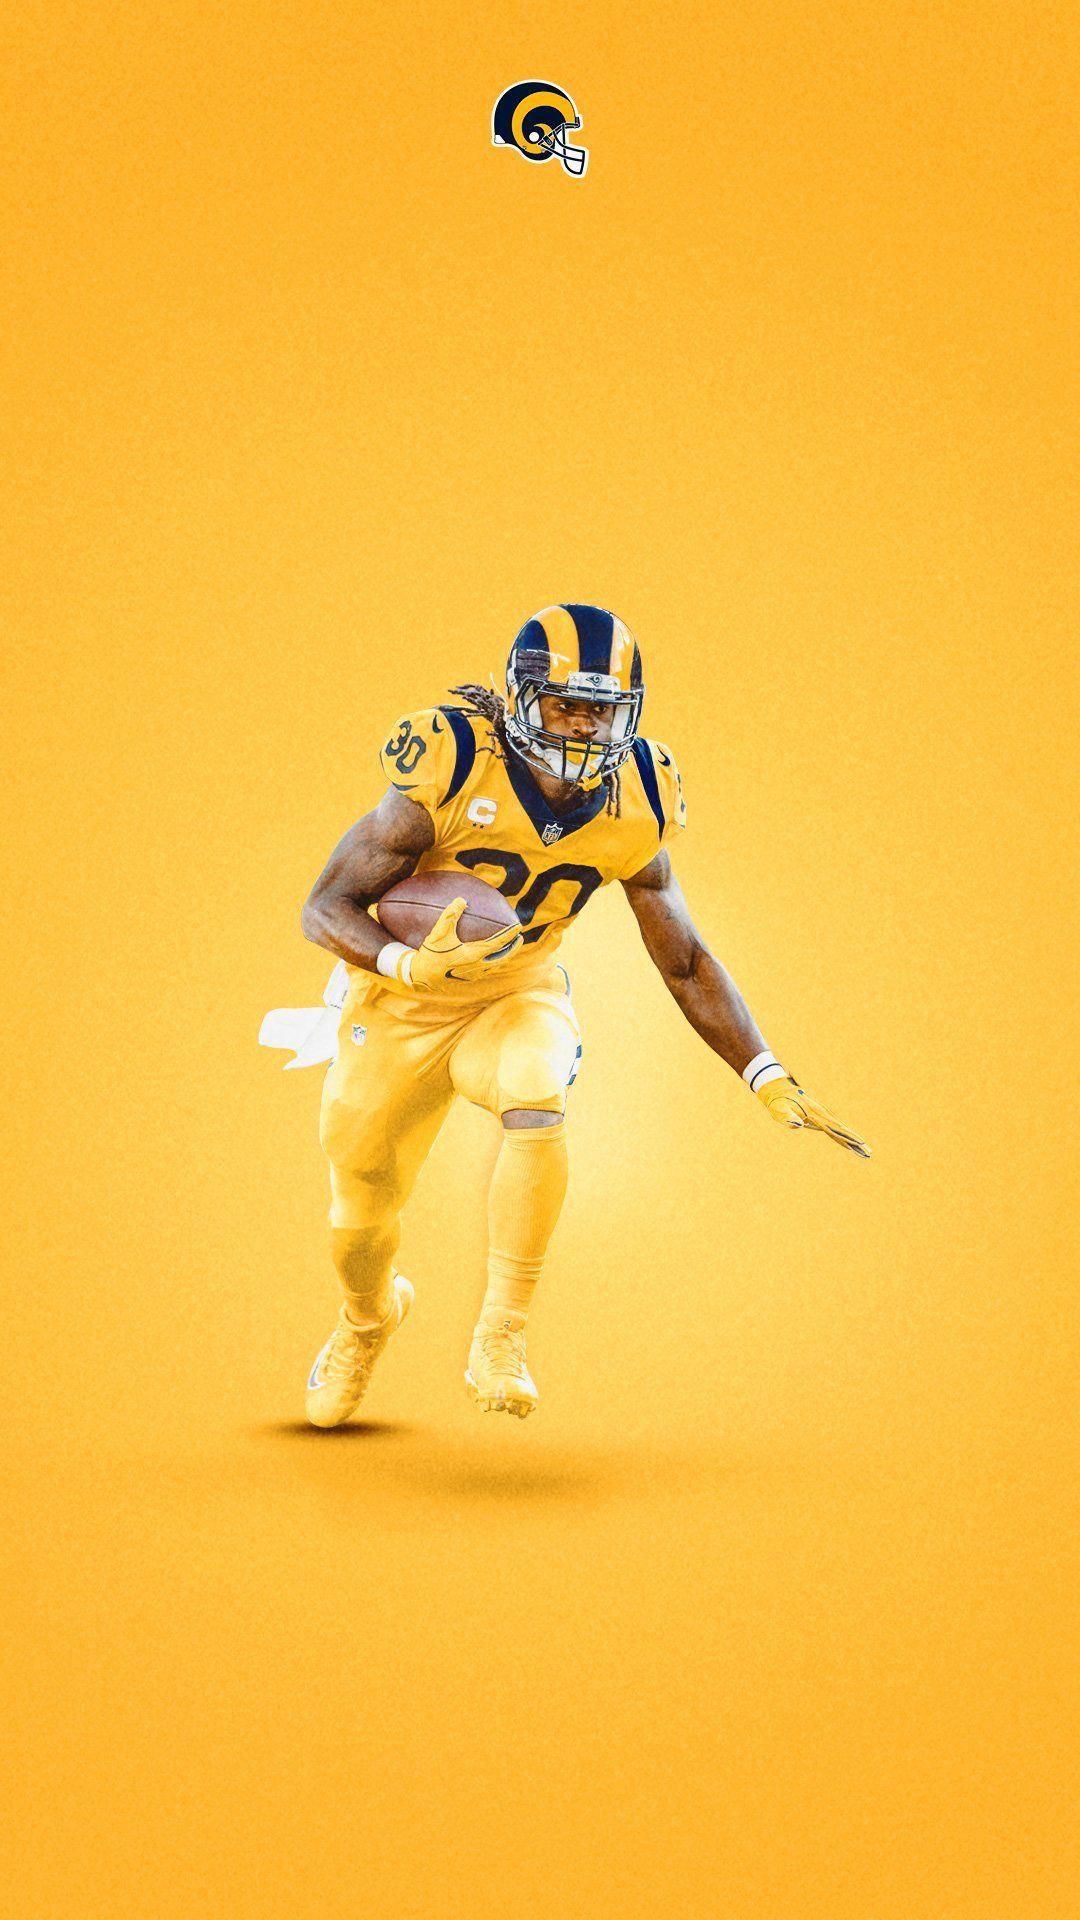 Color Rush Jj Watt Wallpaper Android In 2020 Fantasy Football Champion Sports Design Inspiration Fantasy Football